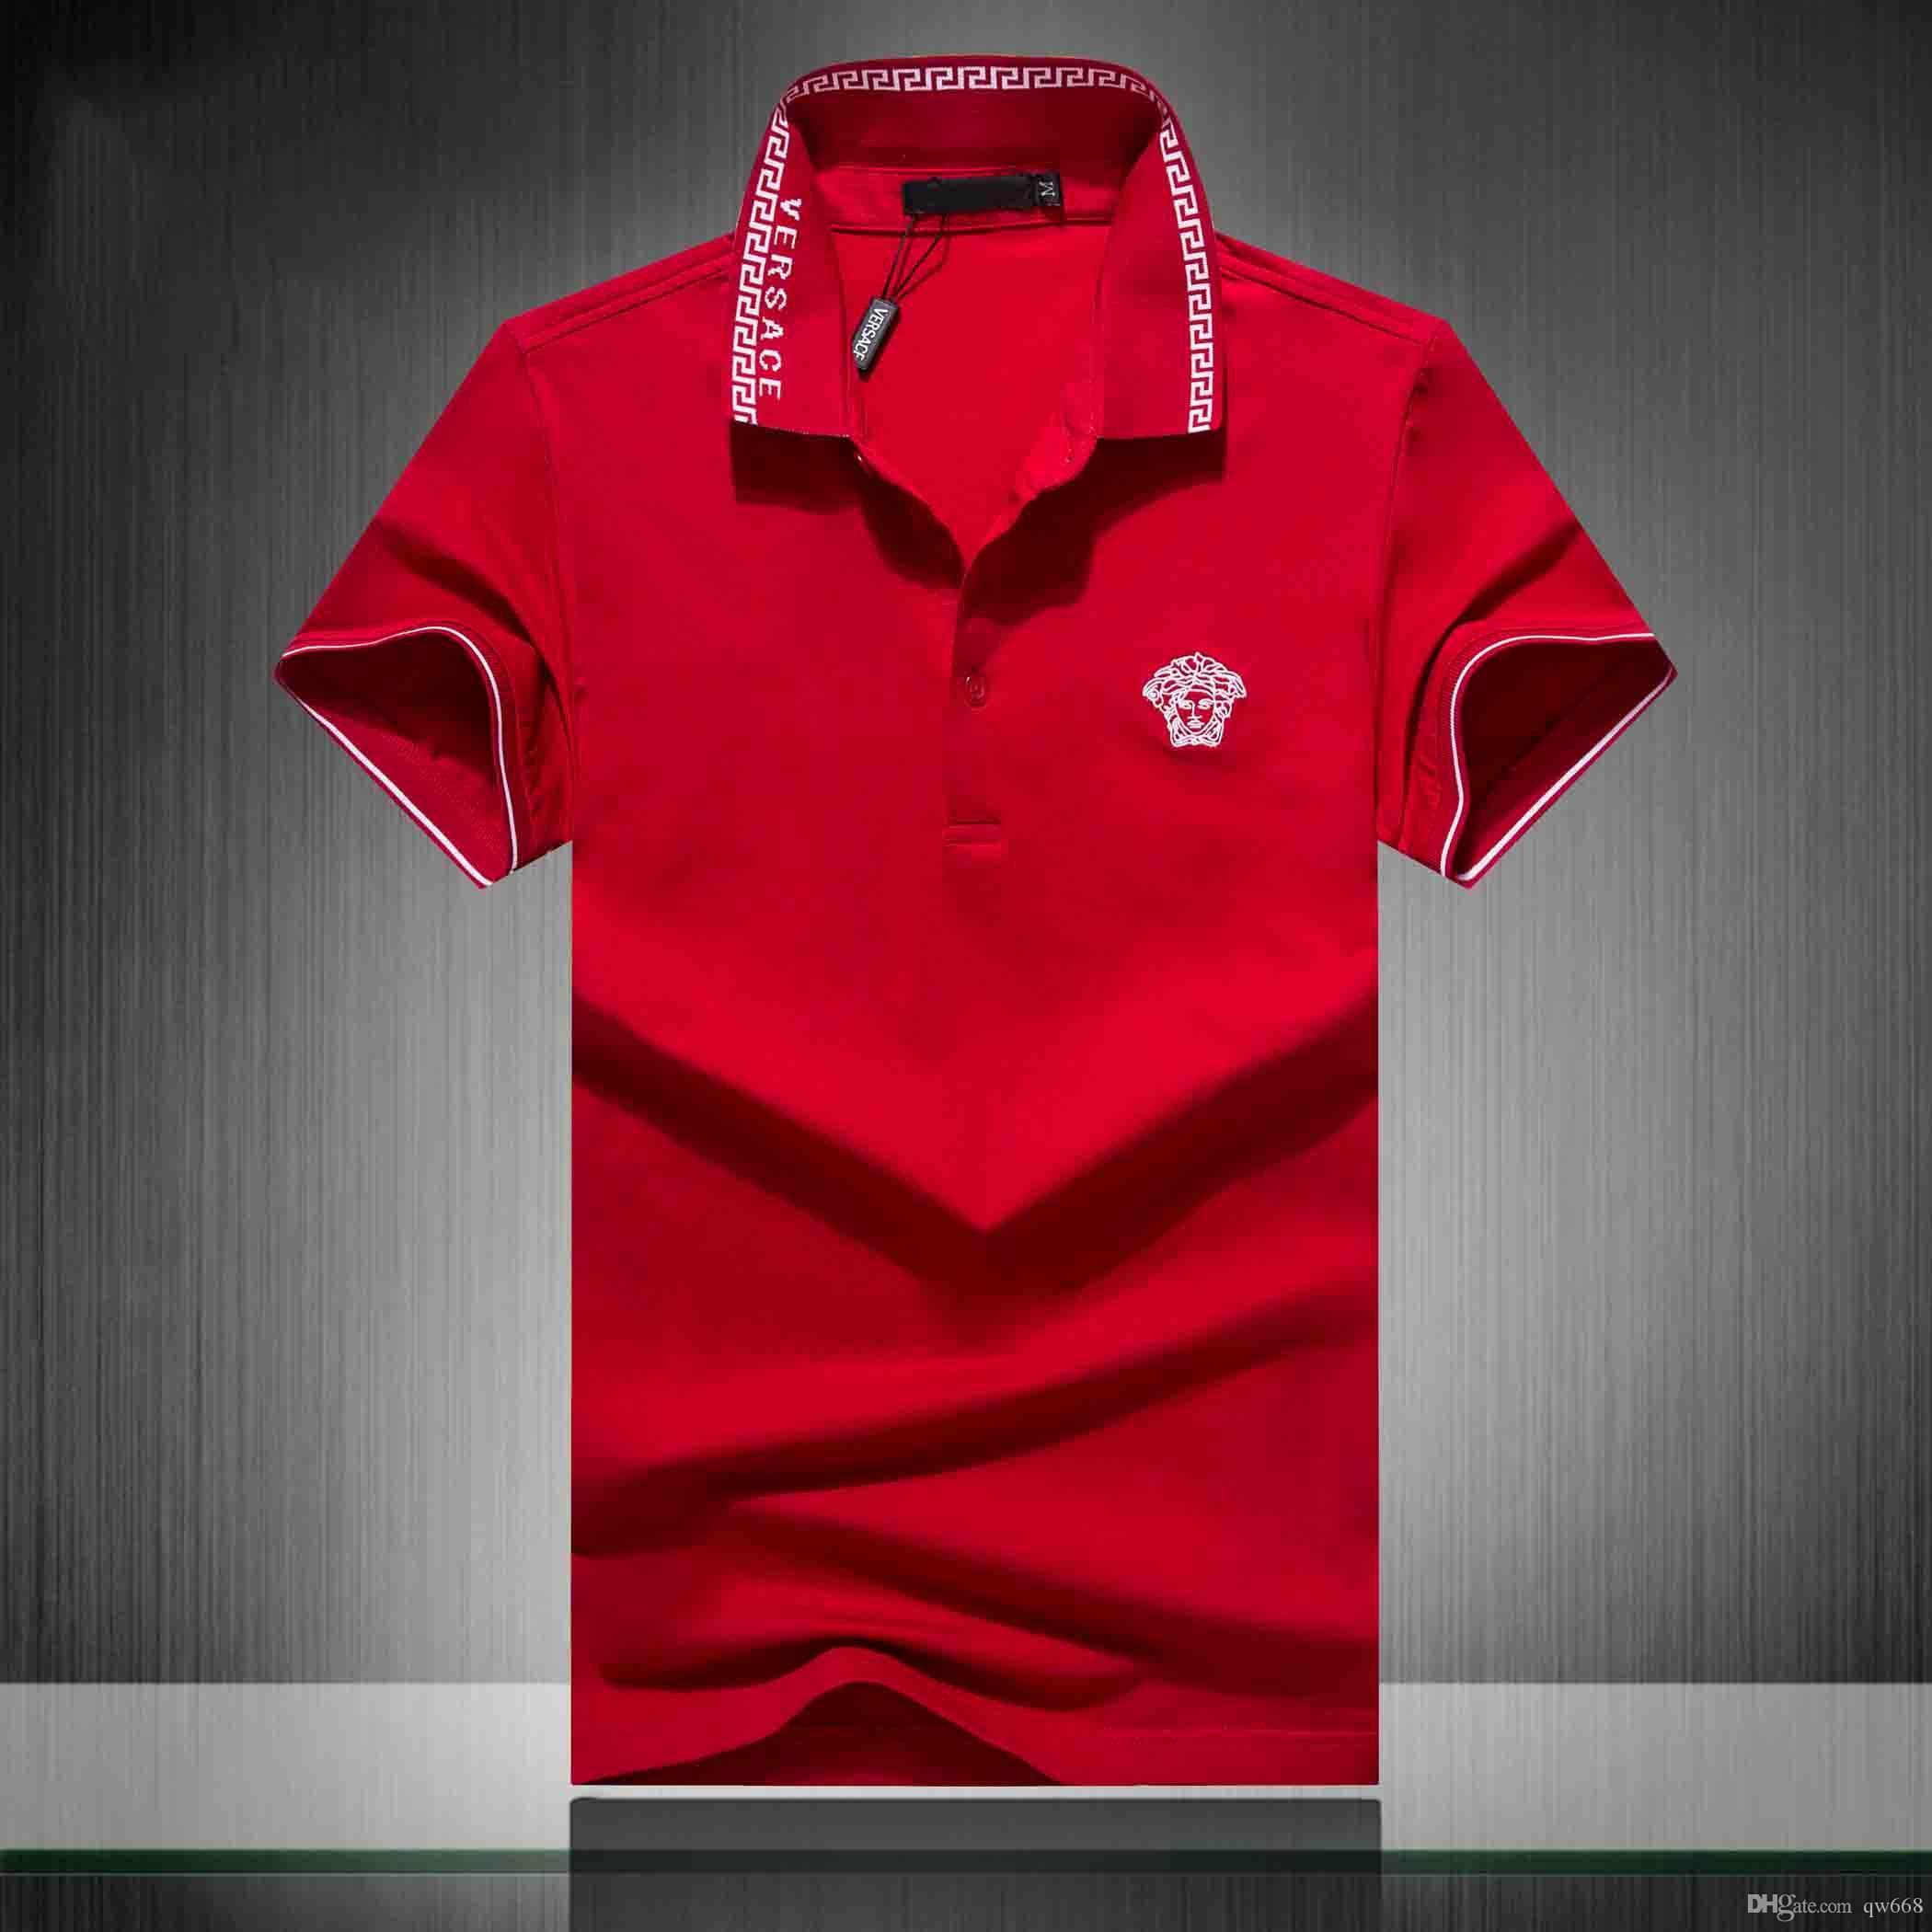 Mode für Männer T-Shirts die Designer-Polohemden mich neuen Männer mit kurzen Ärmeln haben ein rotes und viele andere produ Größe M-3XL